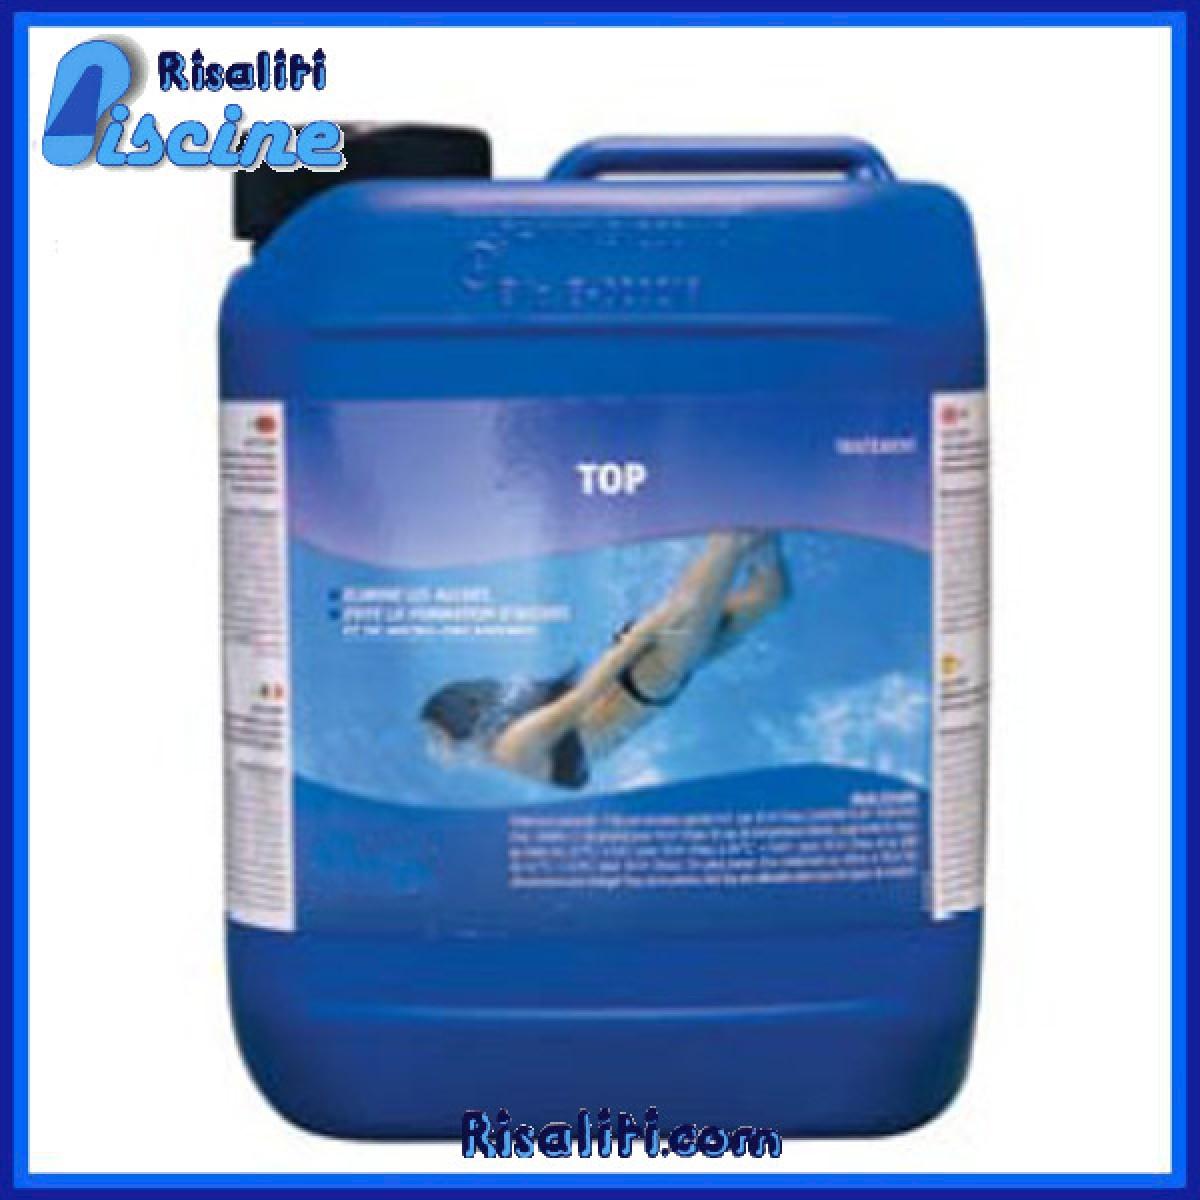 Risaliti depurazione acqua e piscine prato e pistoia alghicida ossigeno trattamento pulizia - Trattamento antialghe piscina ...